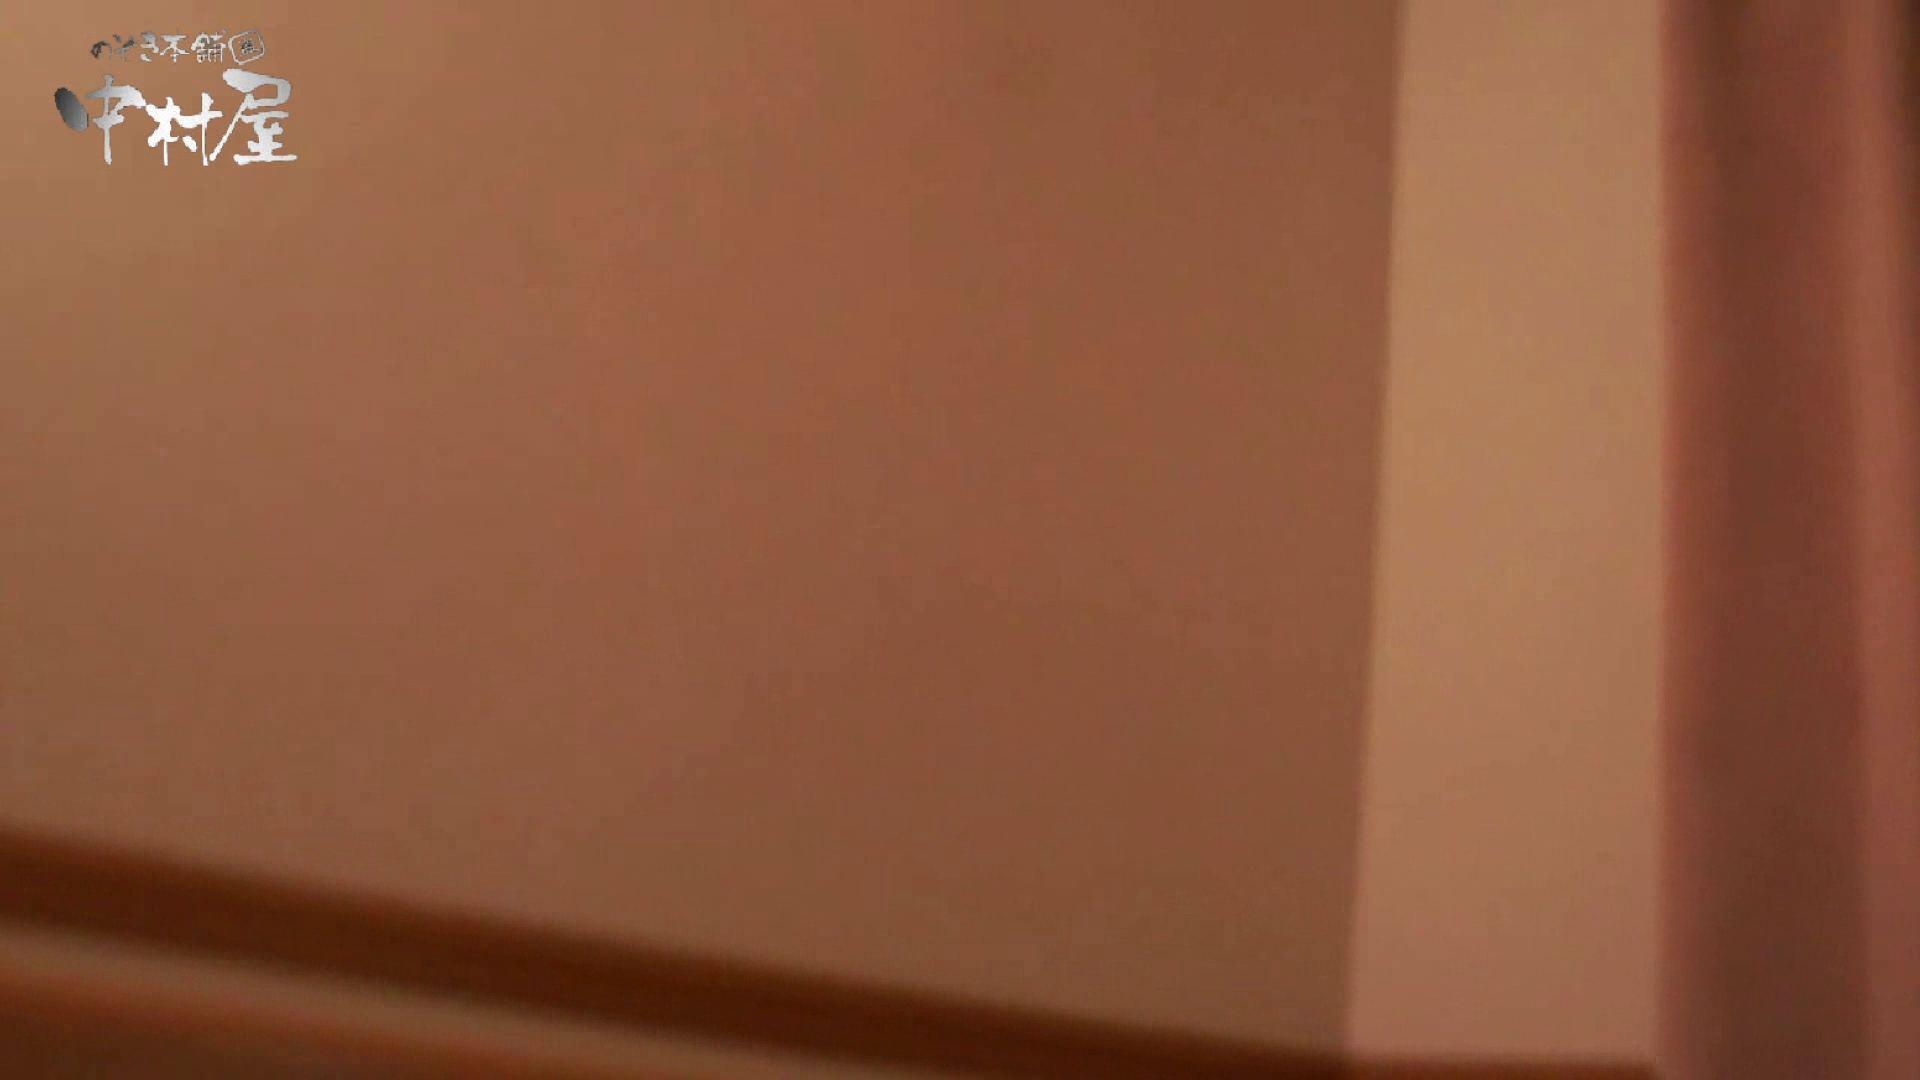 欲望 リアルドール Case.08 Mちゃん19歳 巨乳ギャル 女子大生 盗撮エロ画像 61PICs 11